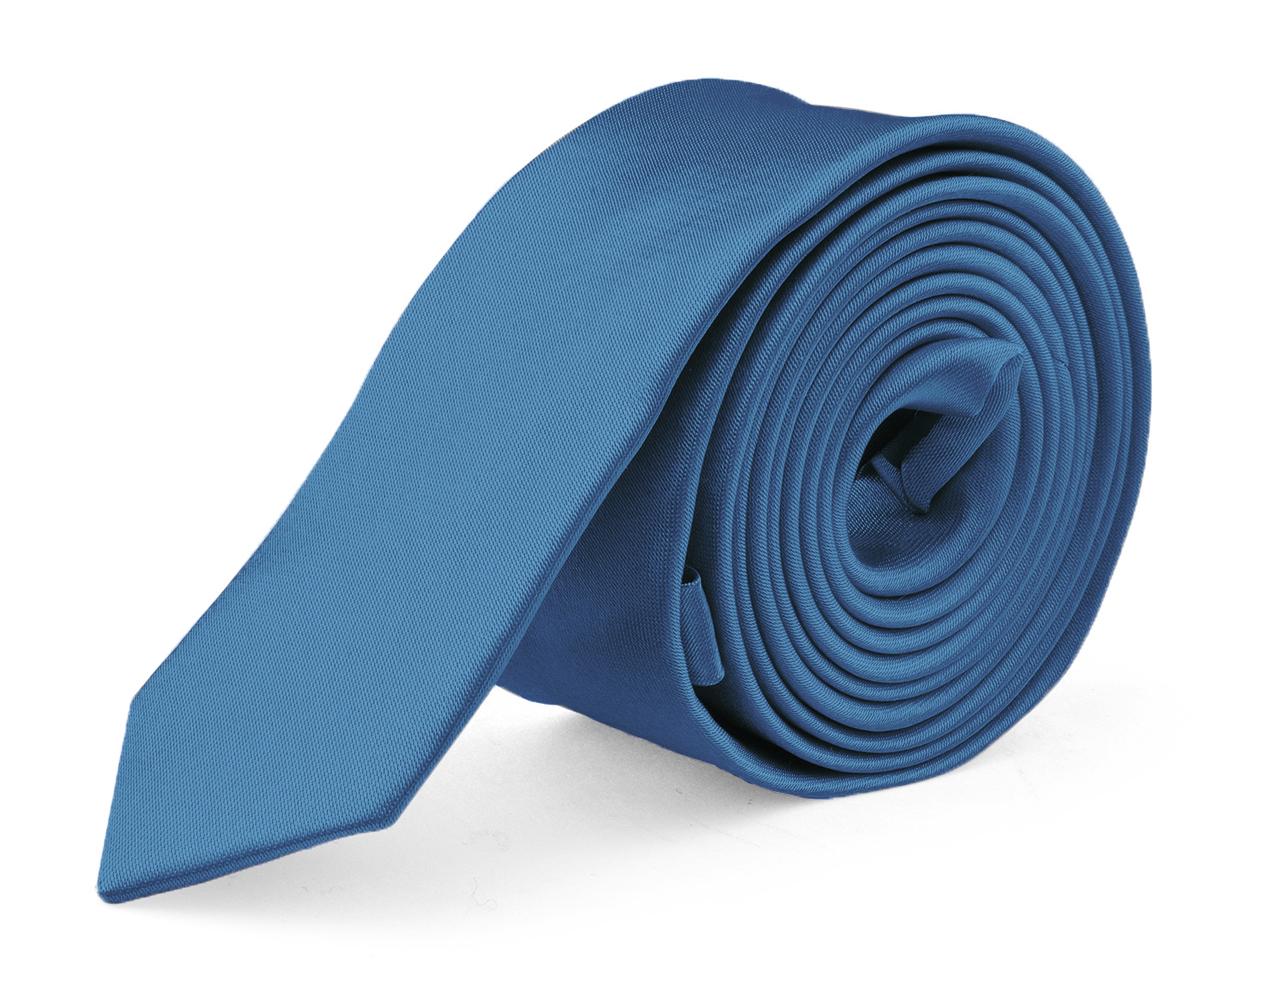 MDR Mens Ties Solid Satin Tie Pure Solid Color Necktie - Peacock 1.5 inch